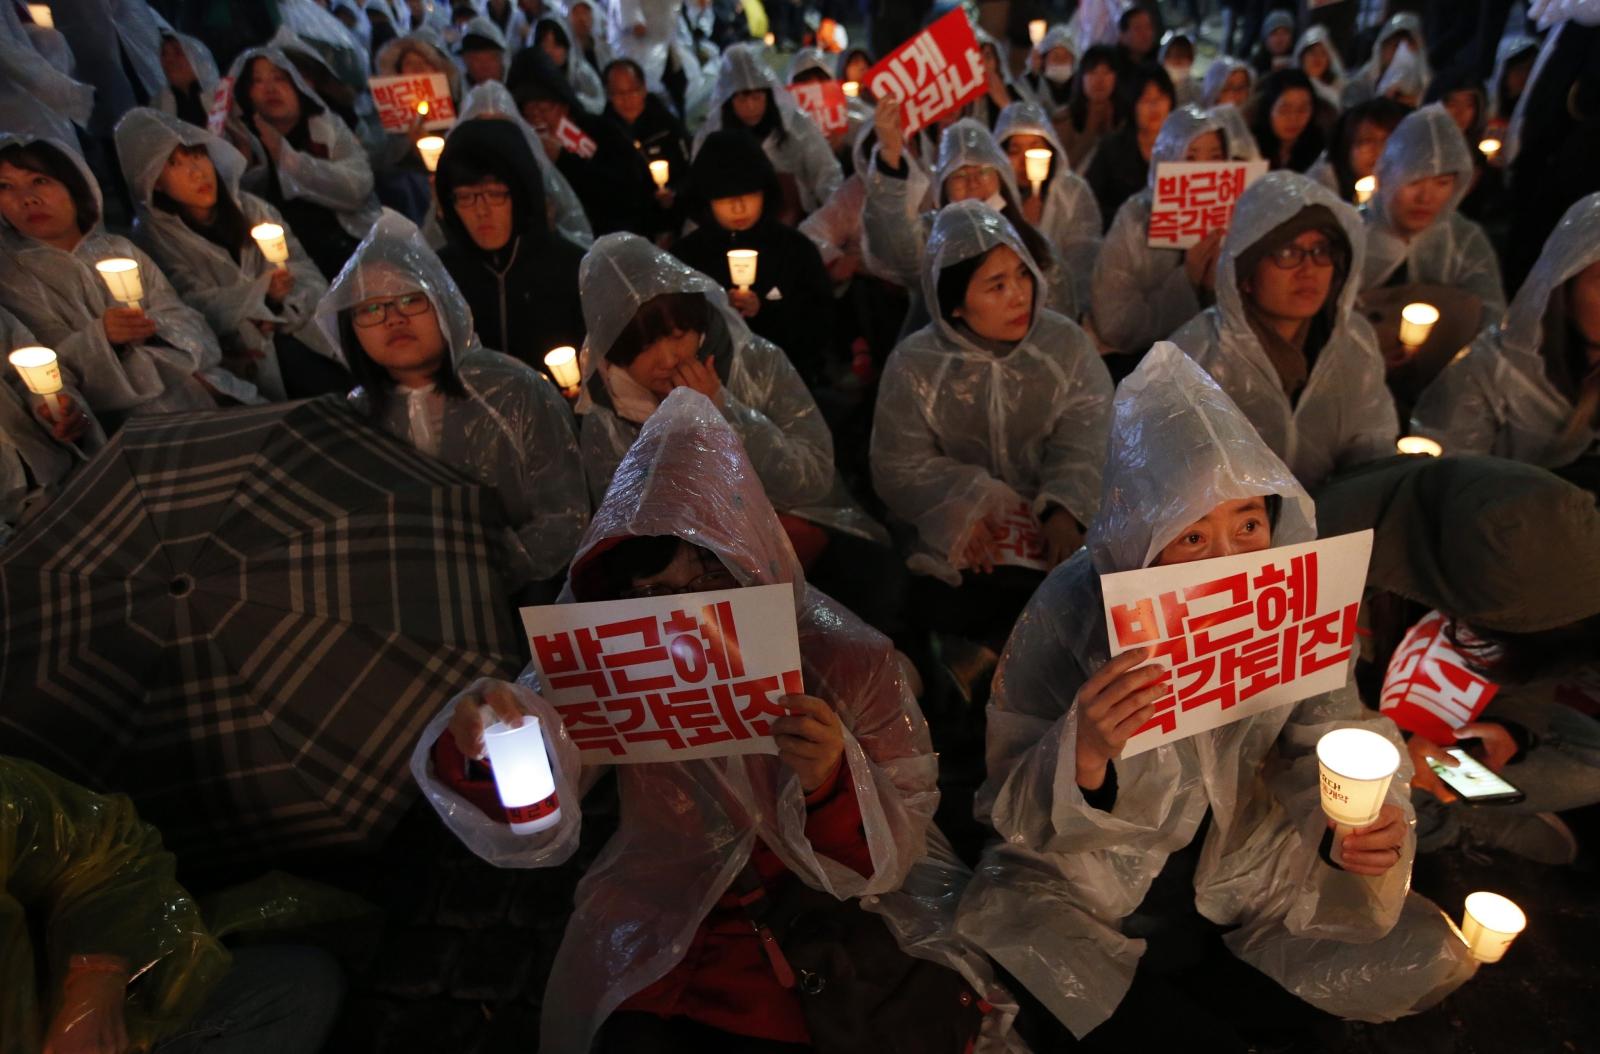 Protesty w Korei Południowej przeciwko prezydenckiemu parkowi Geun-Hye w centrum Seulu. PAP/EPA/JEON HEON-KYUN